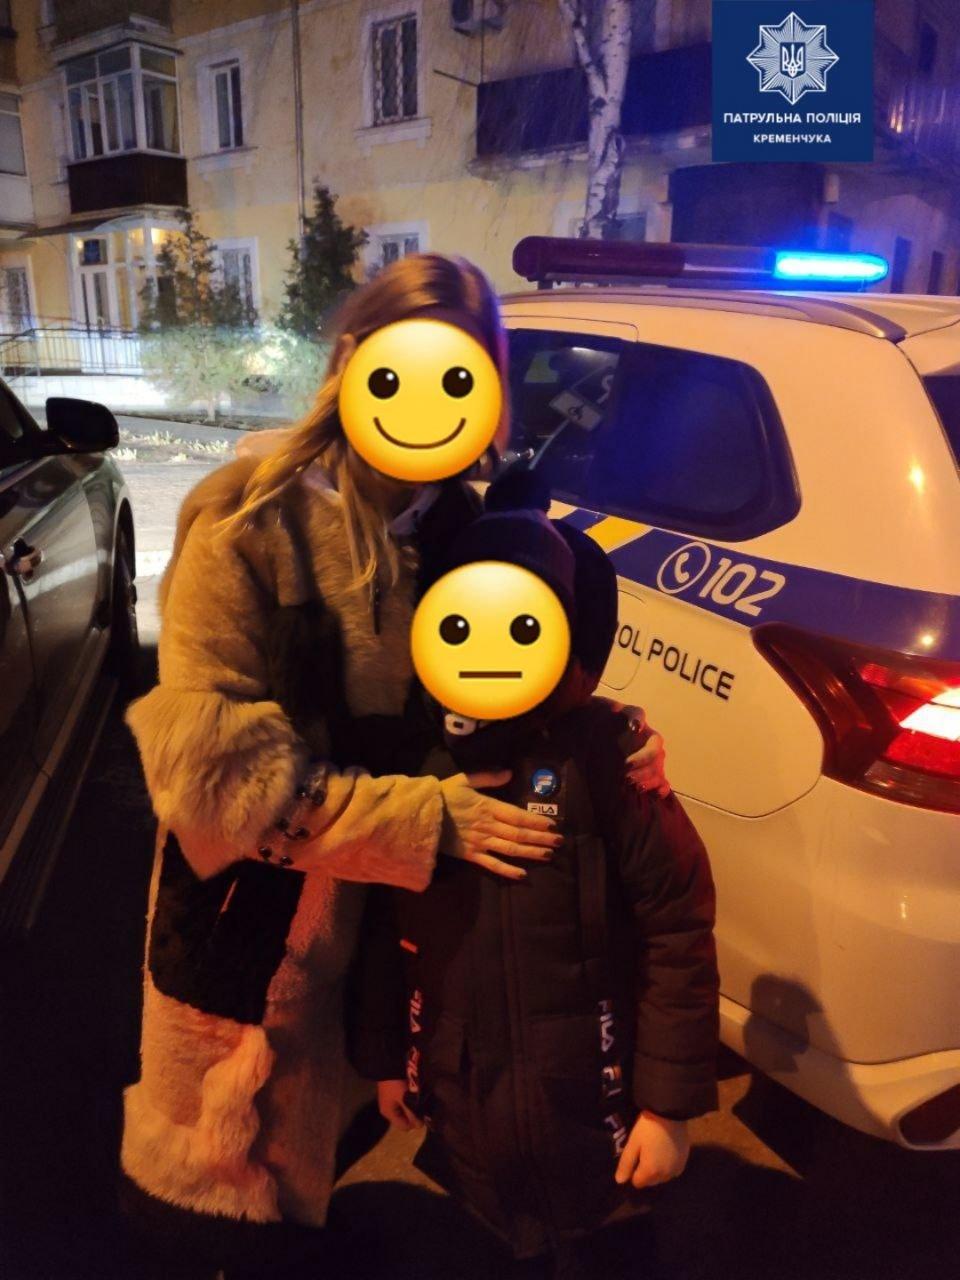 Кременчуцькі патрульні розшукали школяра, що вирішив помандрувати через міст, фото-1